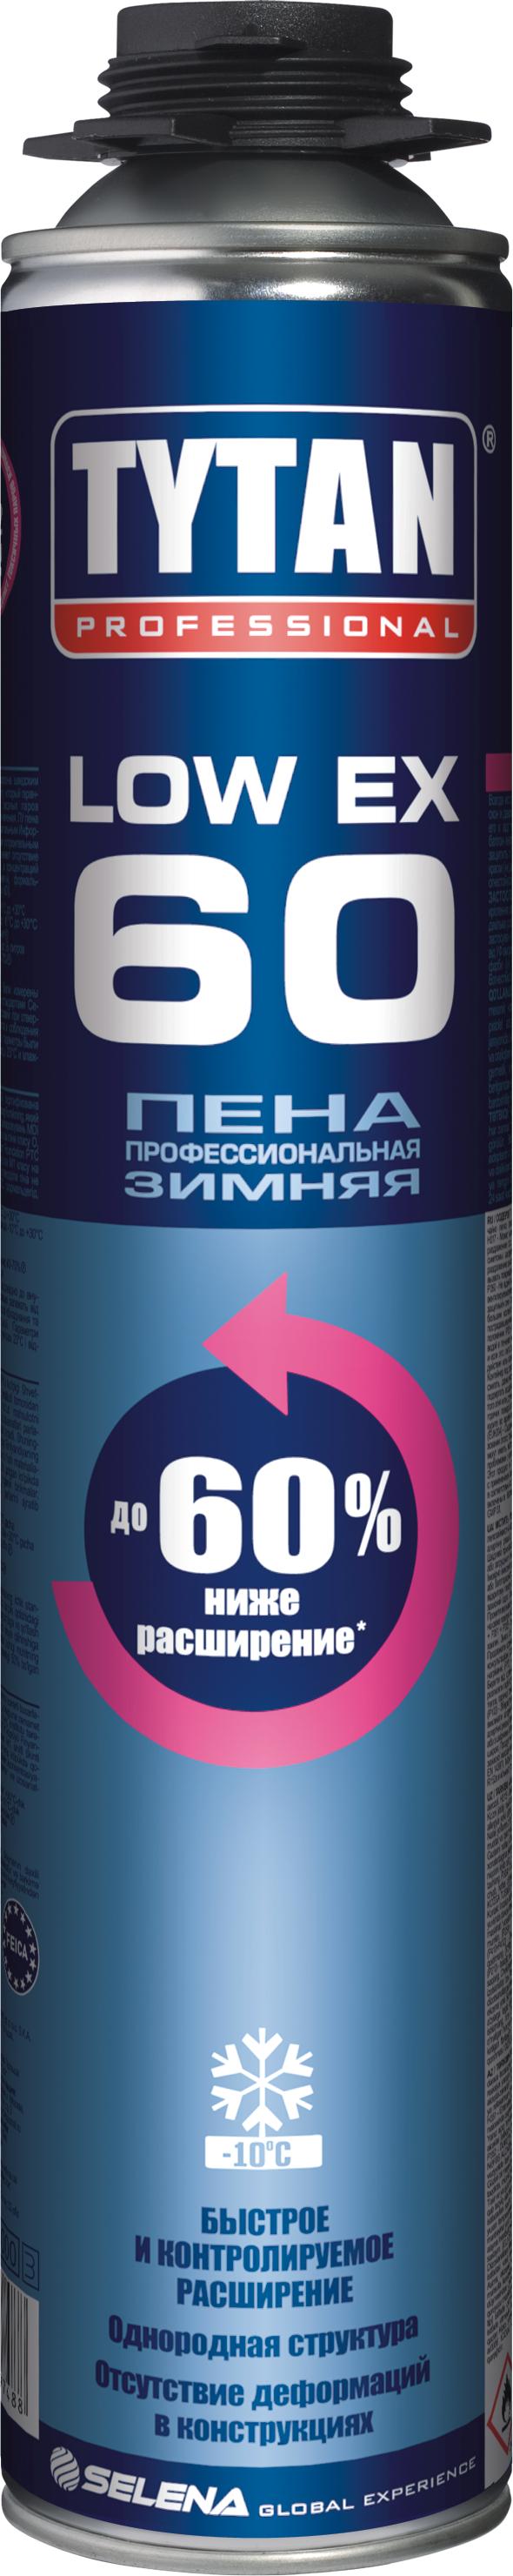 Пена монтажная Tytan O2 Low Expansion 60 профессиональная зимняя 750 мл